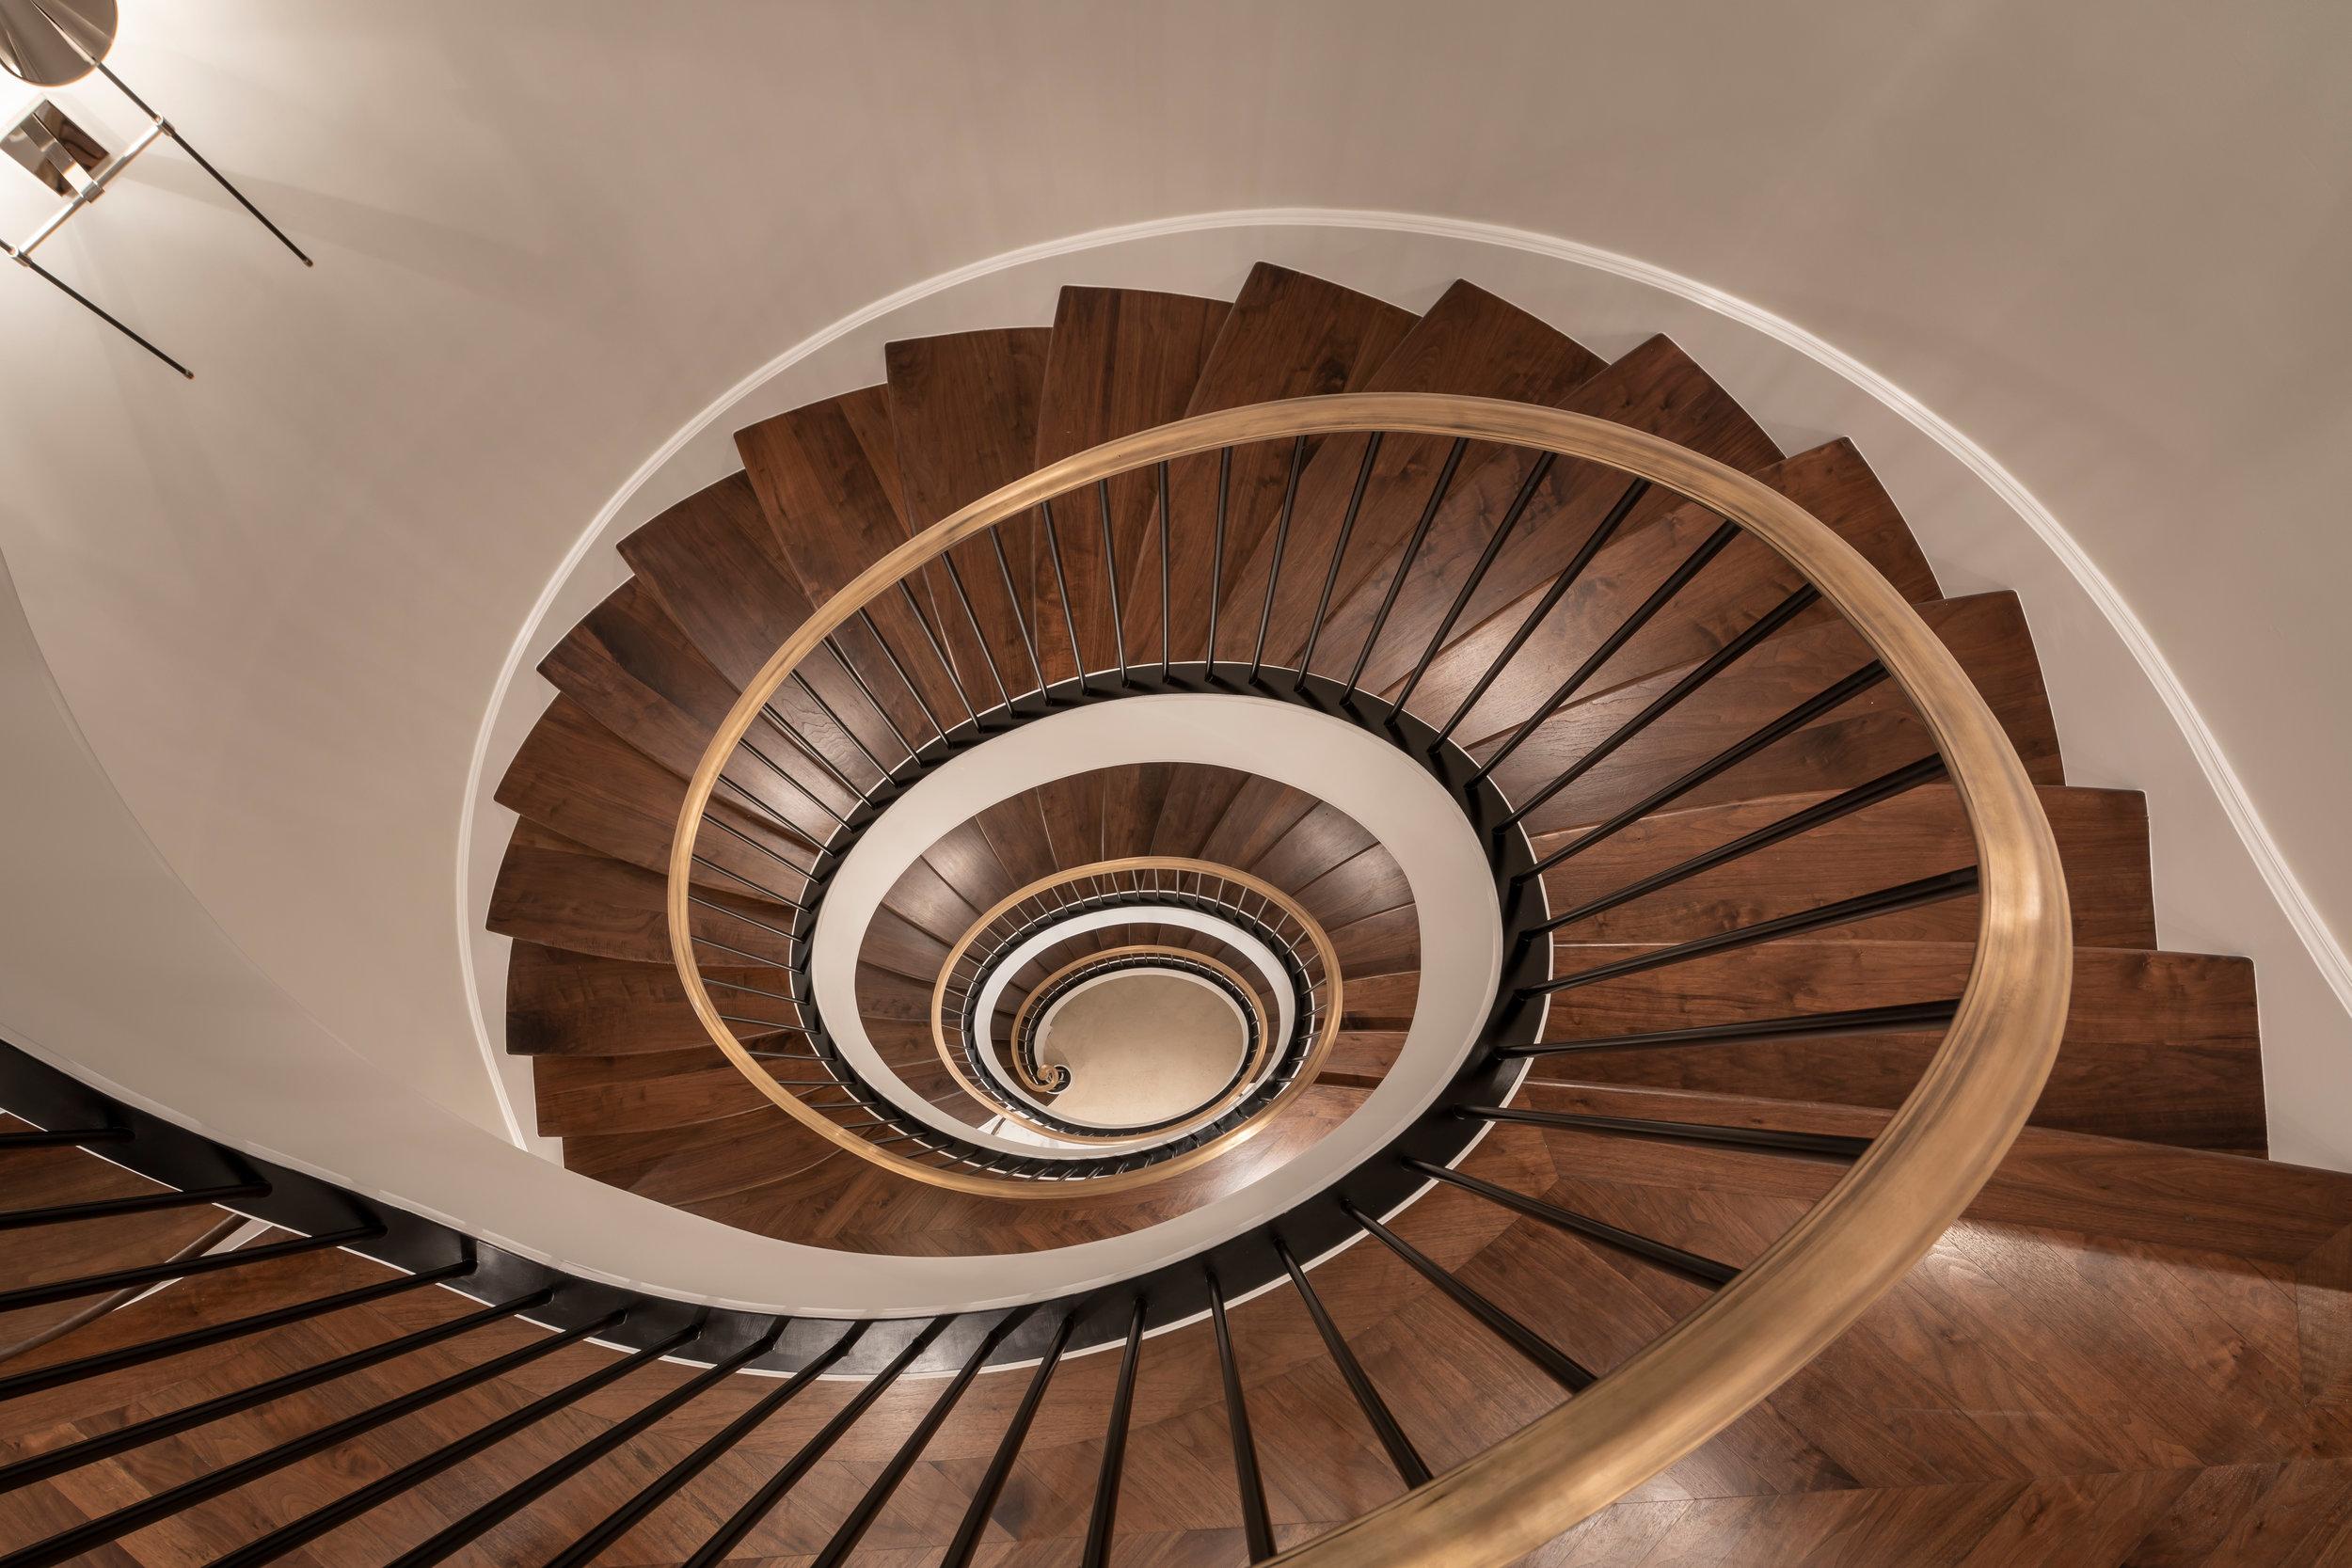 Stairway_Down_1446.jpg